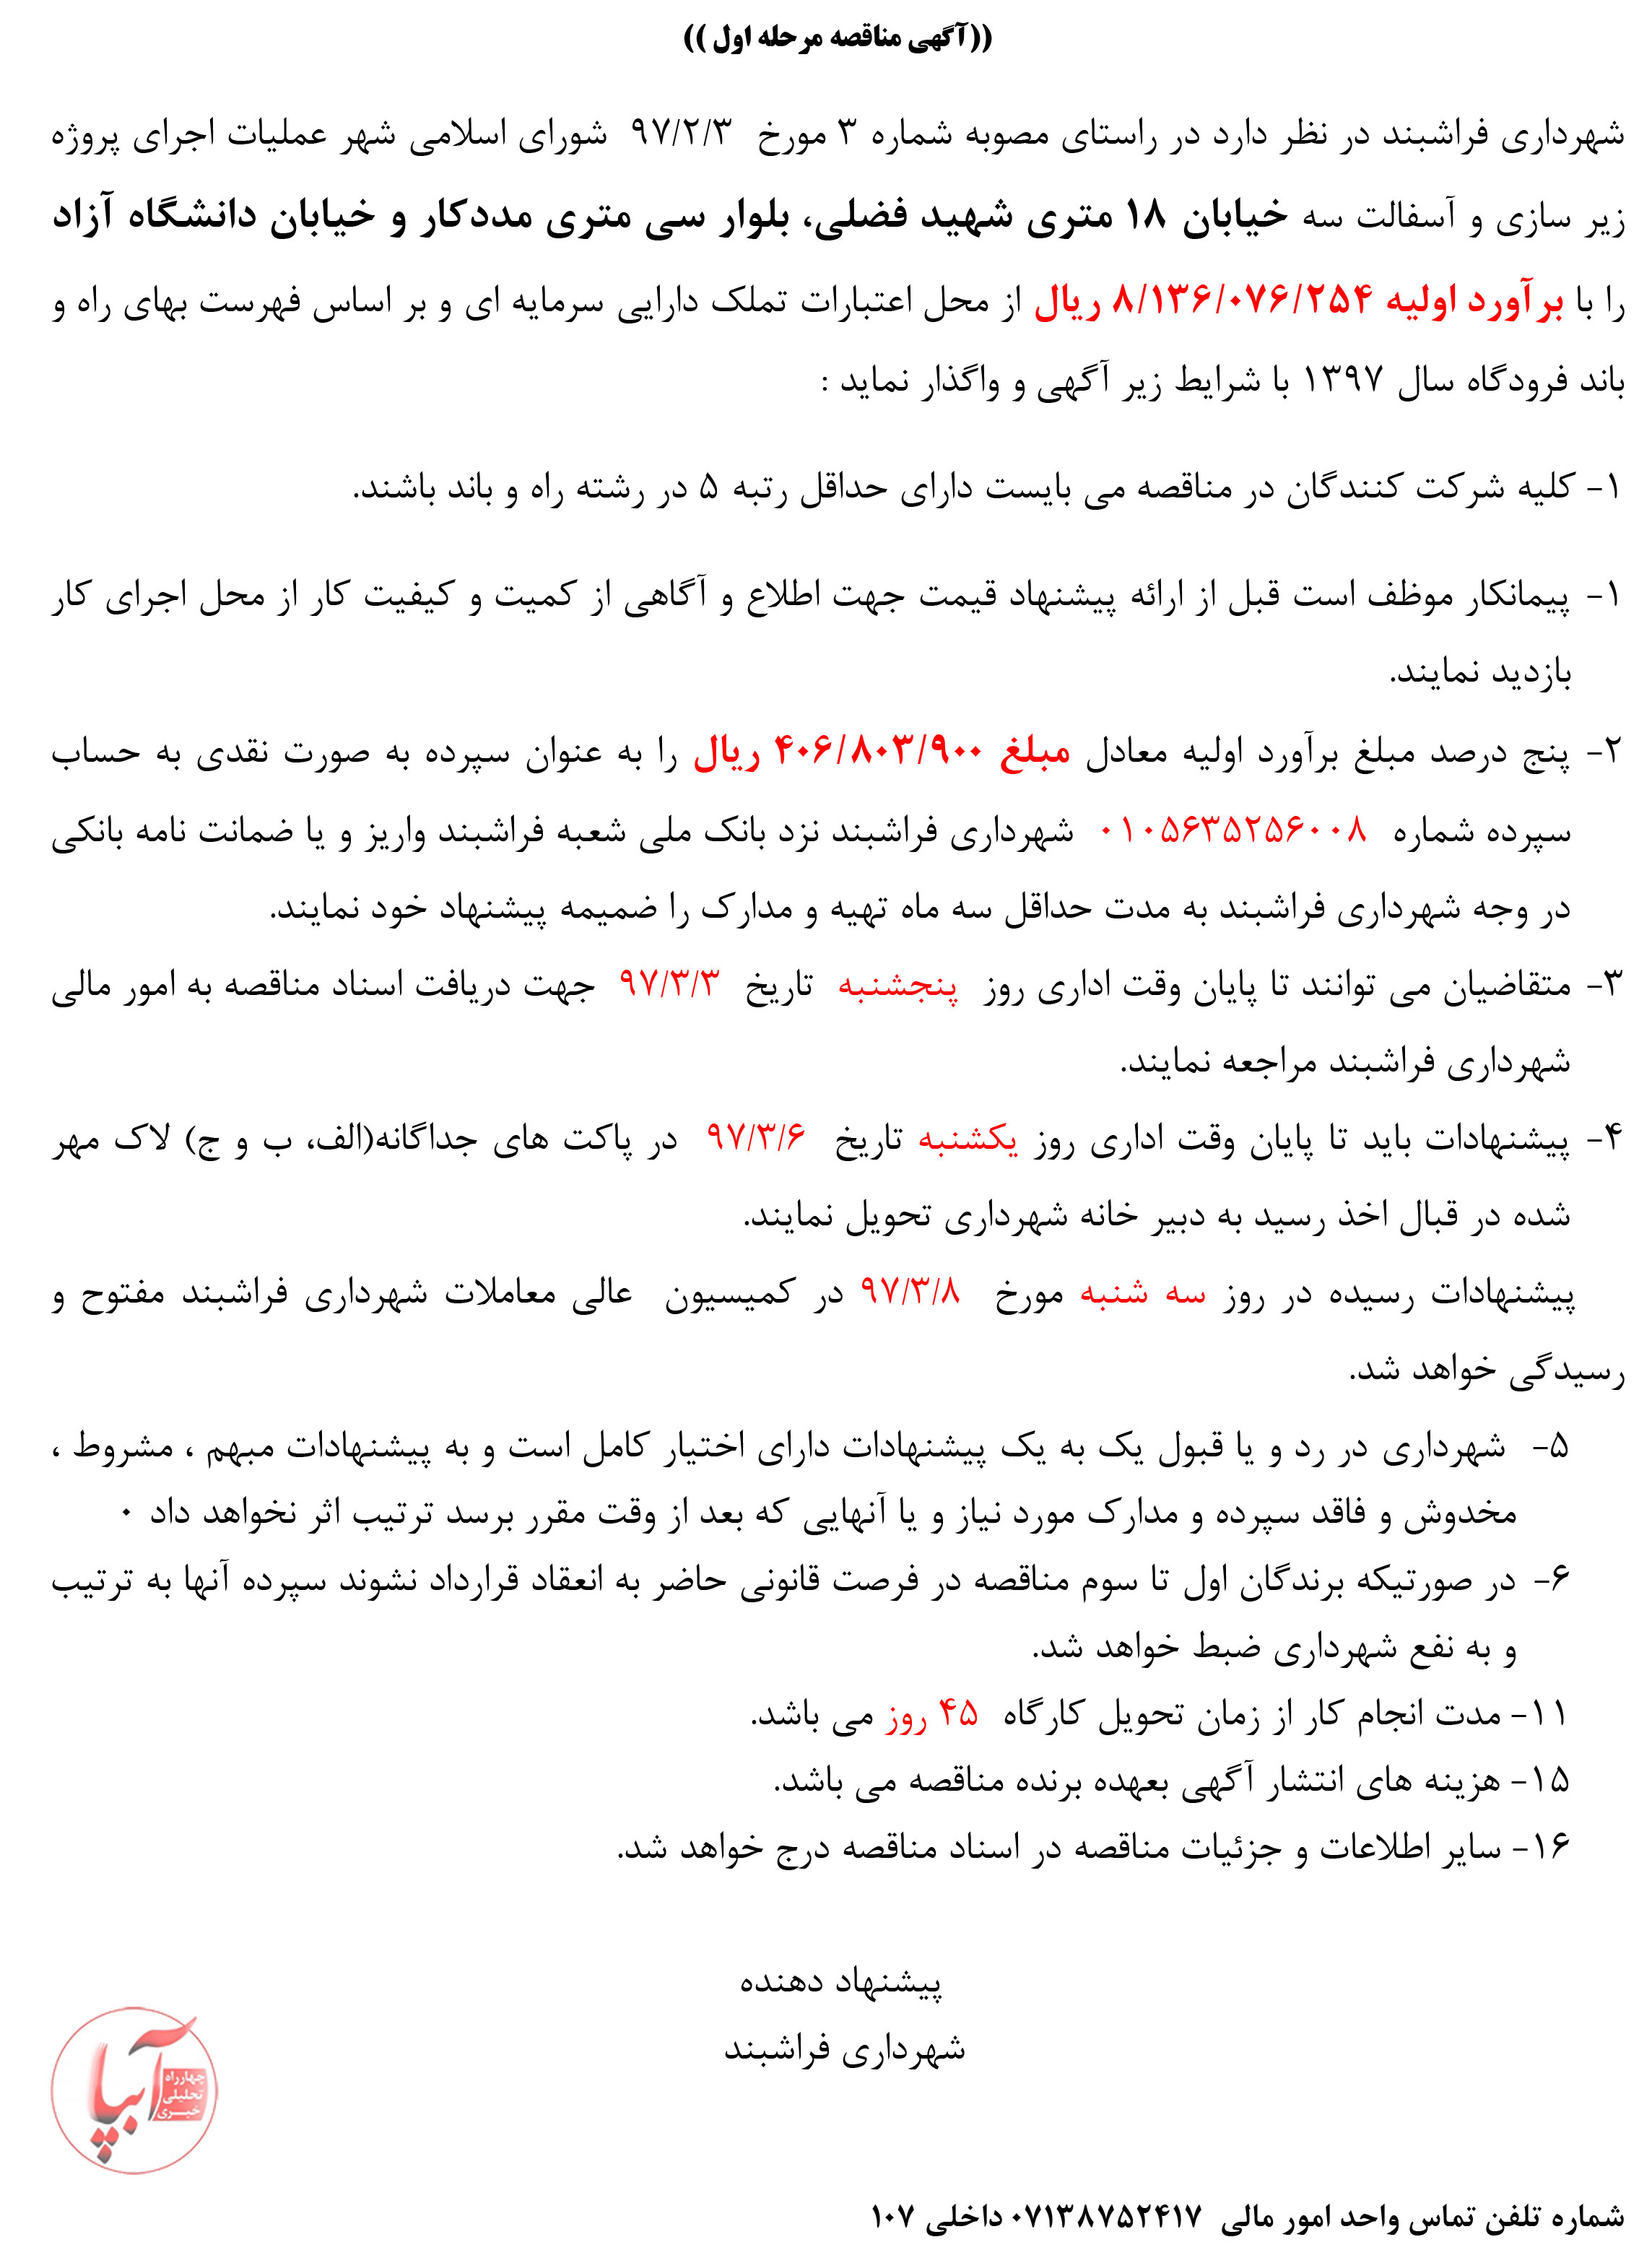 مناقصه زیرسازی و آسفالت خیابانهای شهر فراشبند